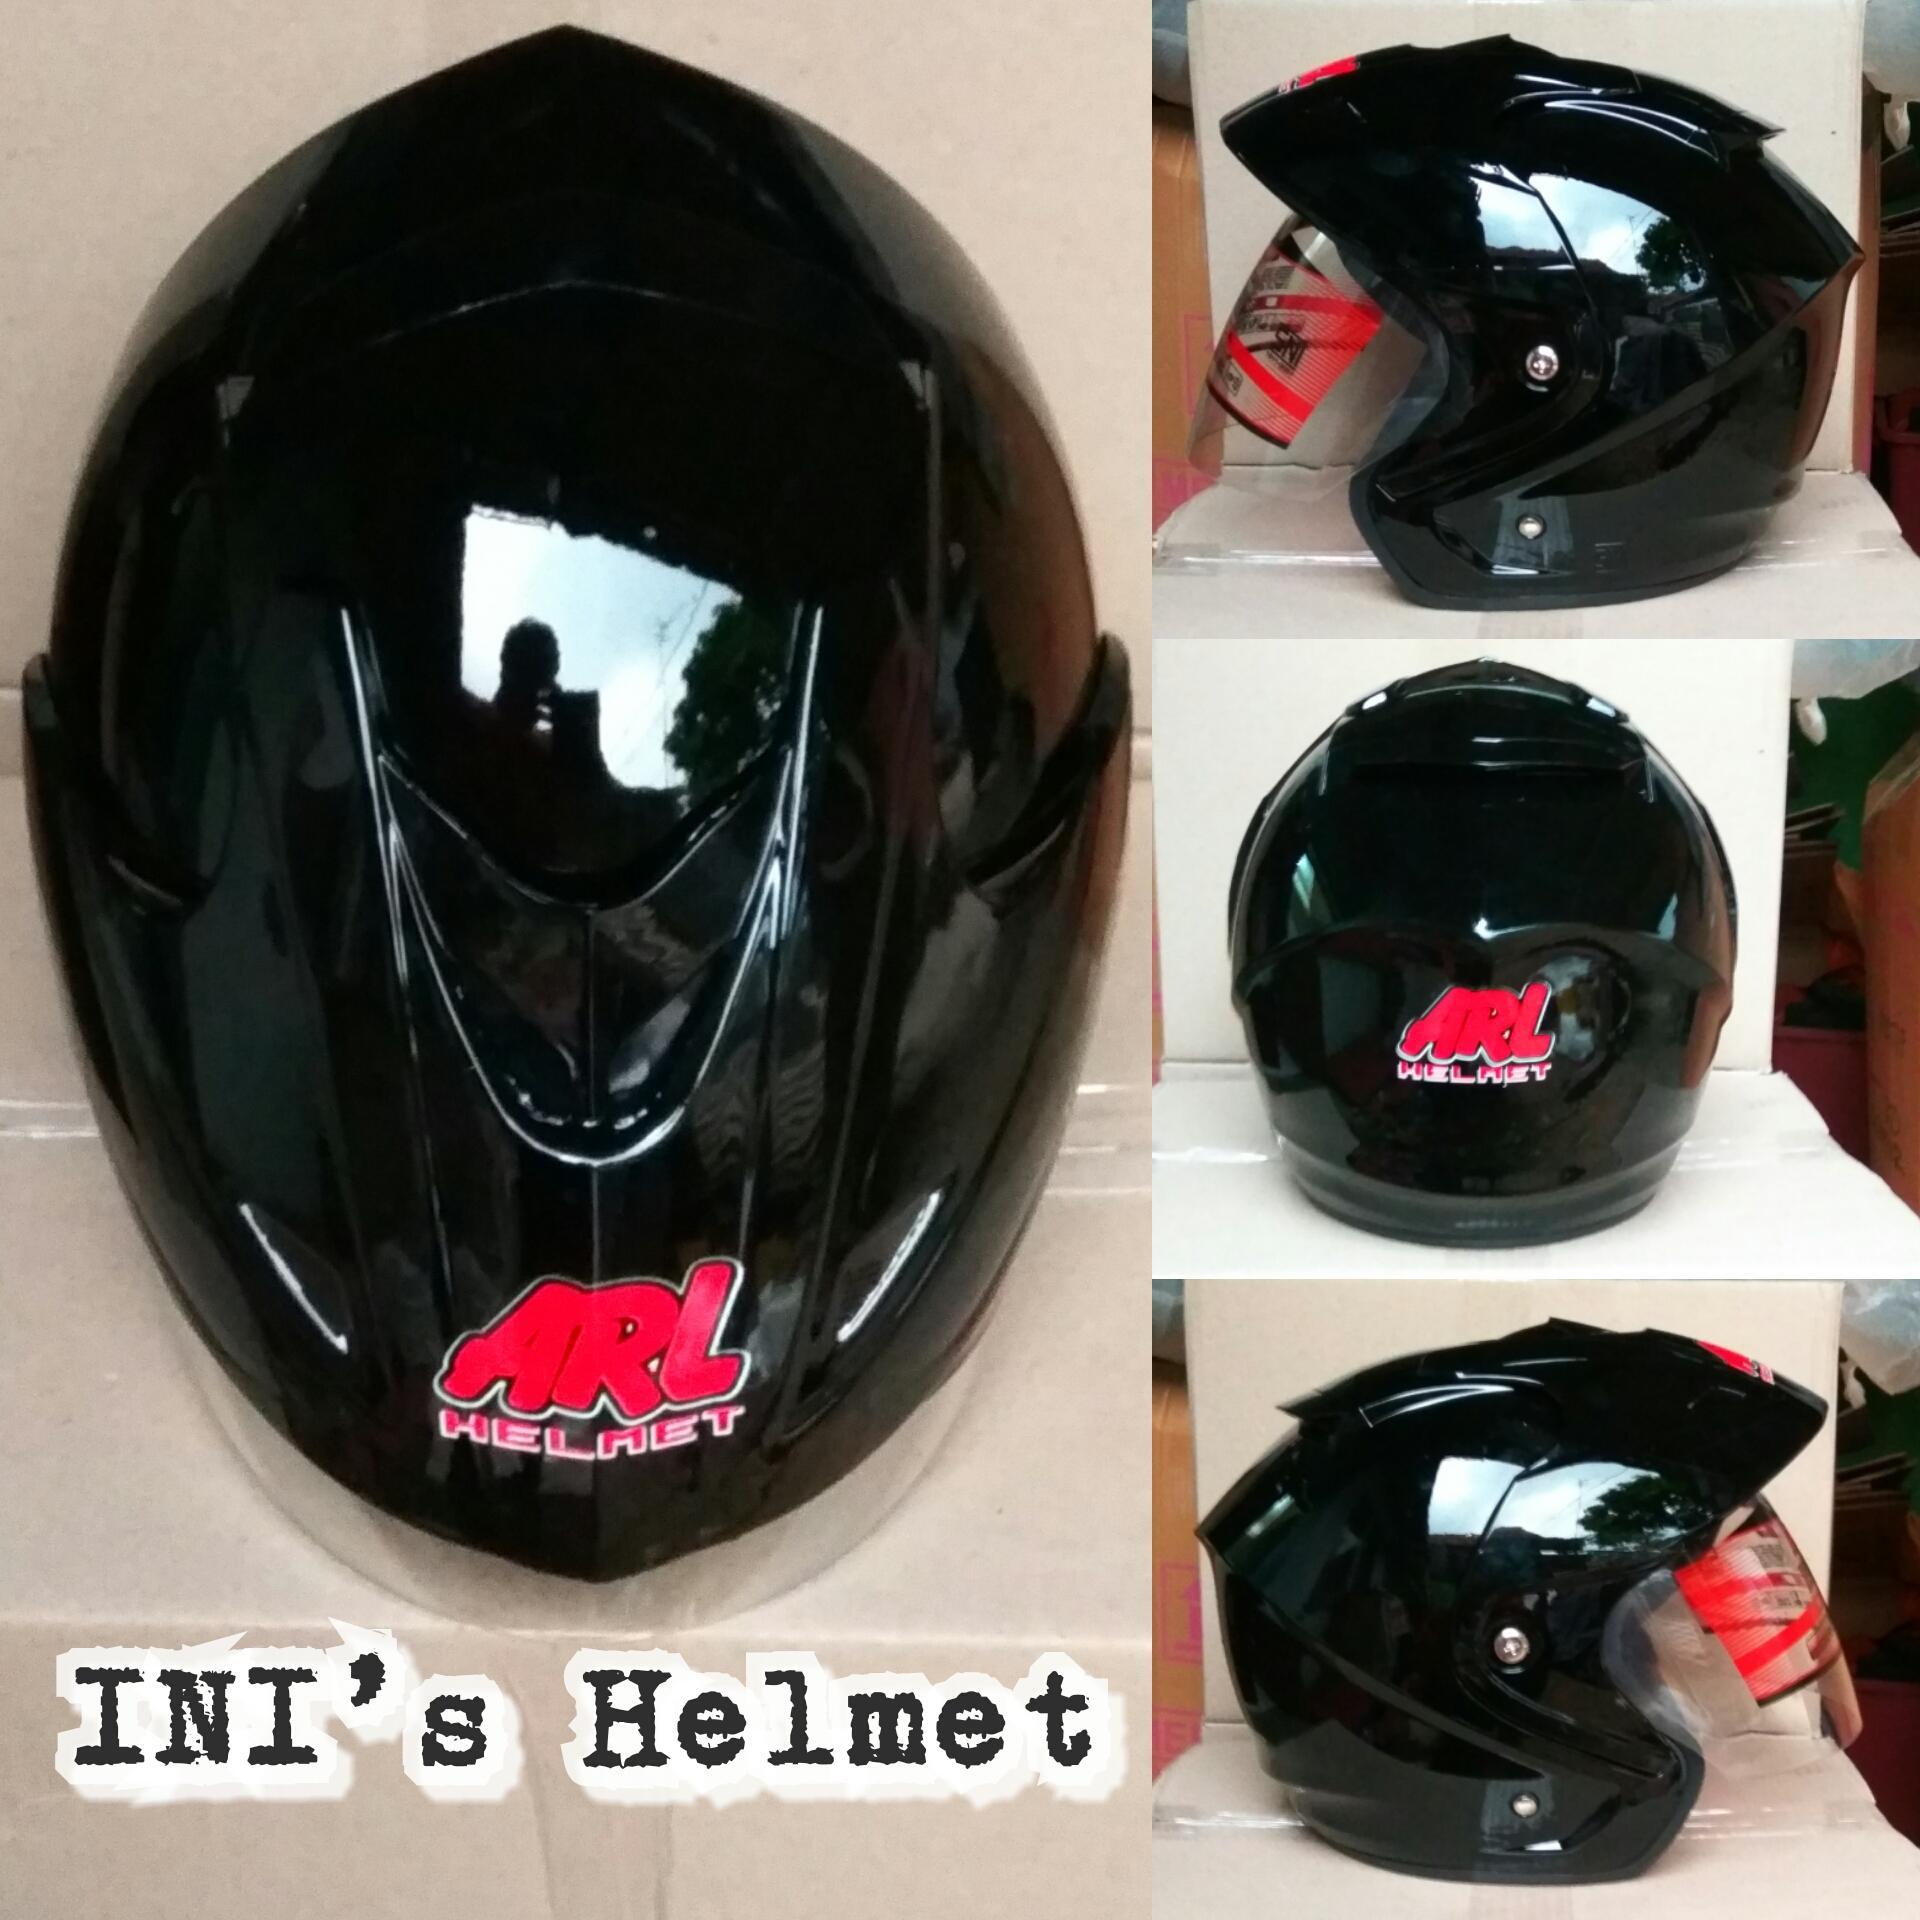 ARL Helmet SNI dewasa POLOS bisa COD atau BAYAR DITEMPAT